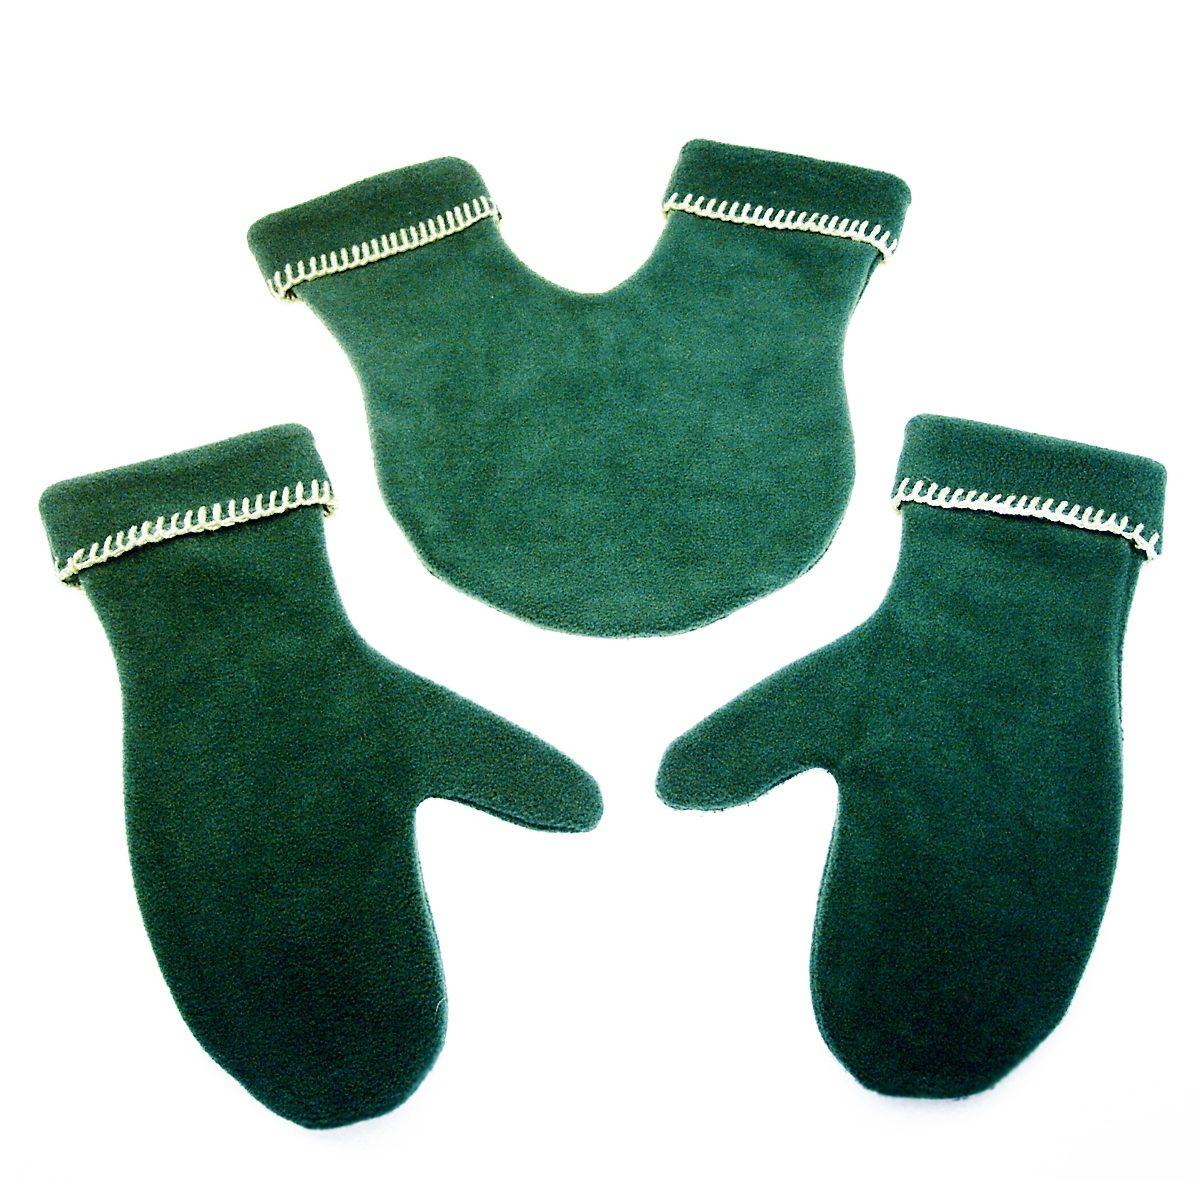 Radius Radius Handschuhe GLOVERS grün